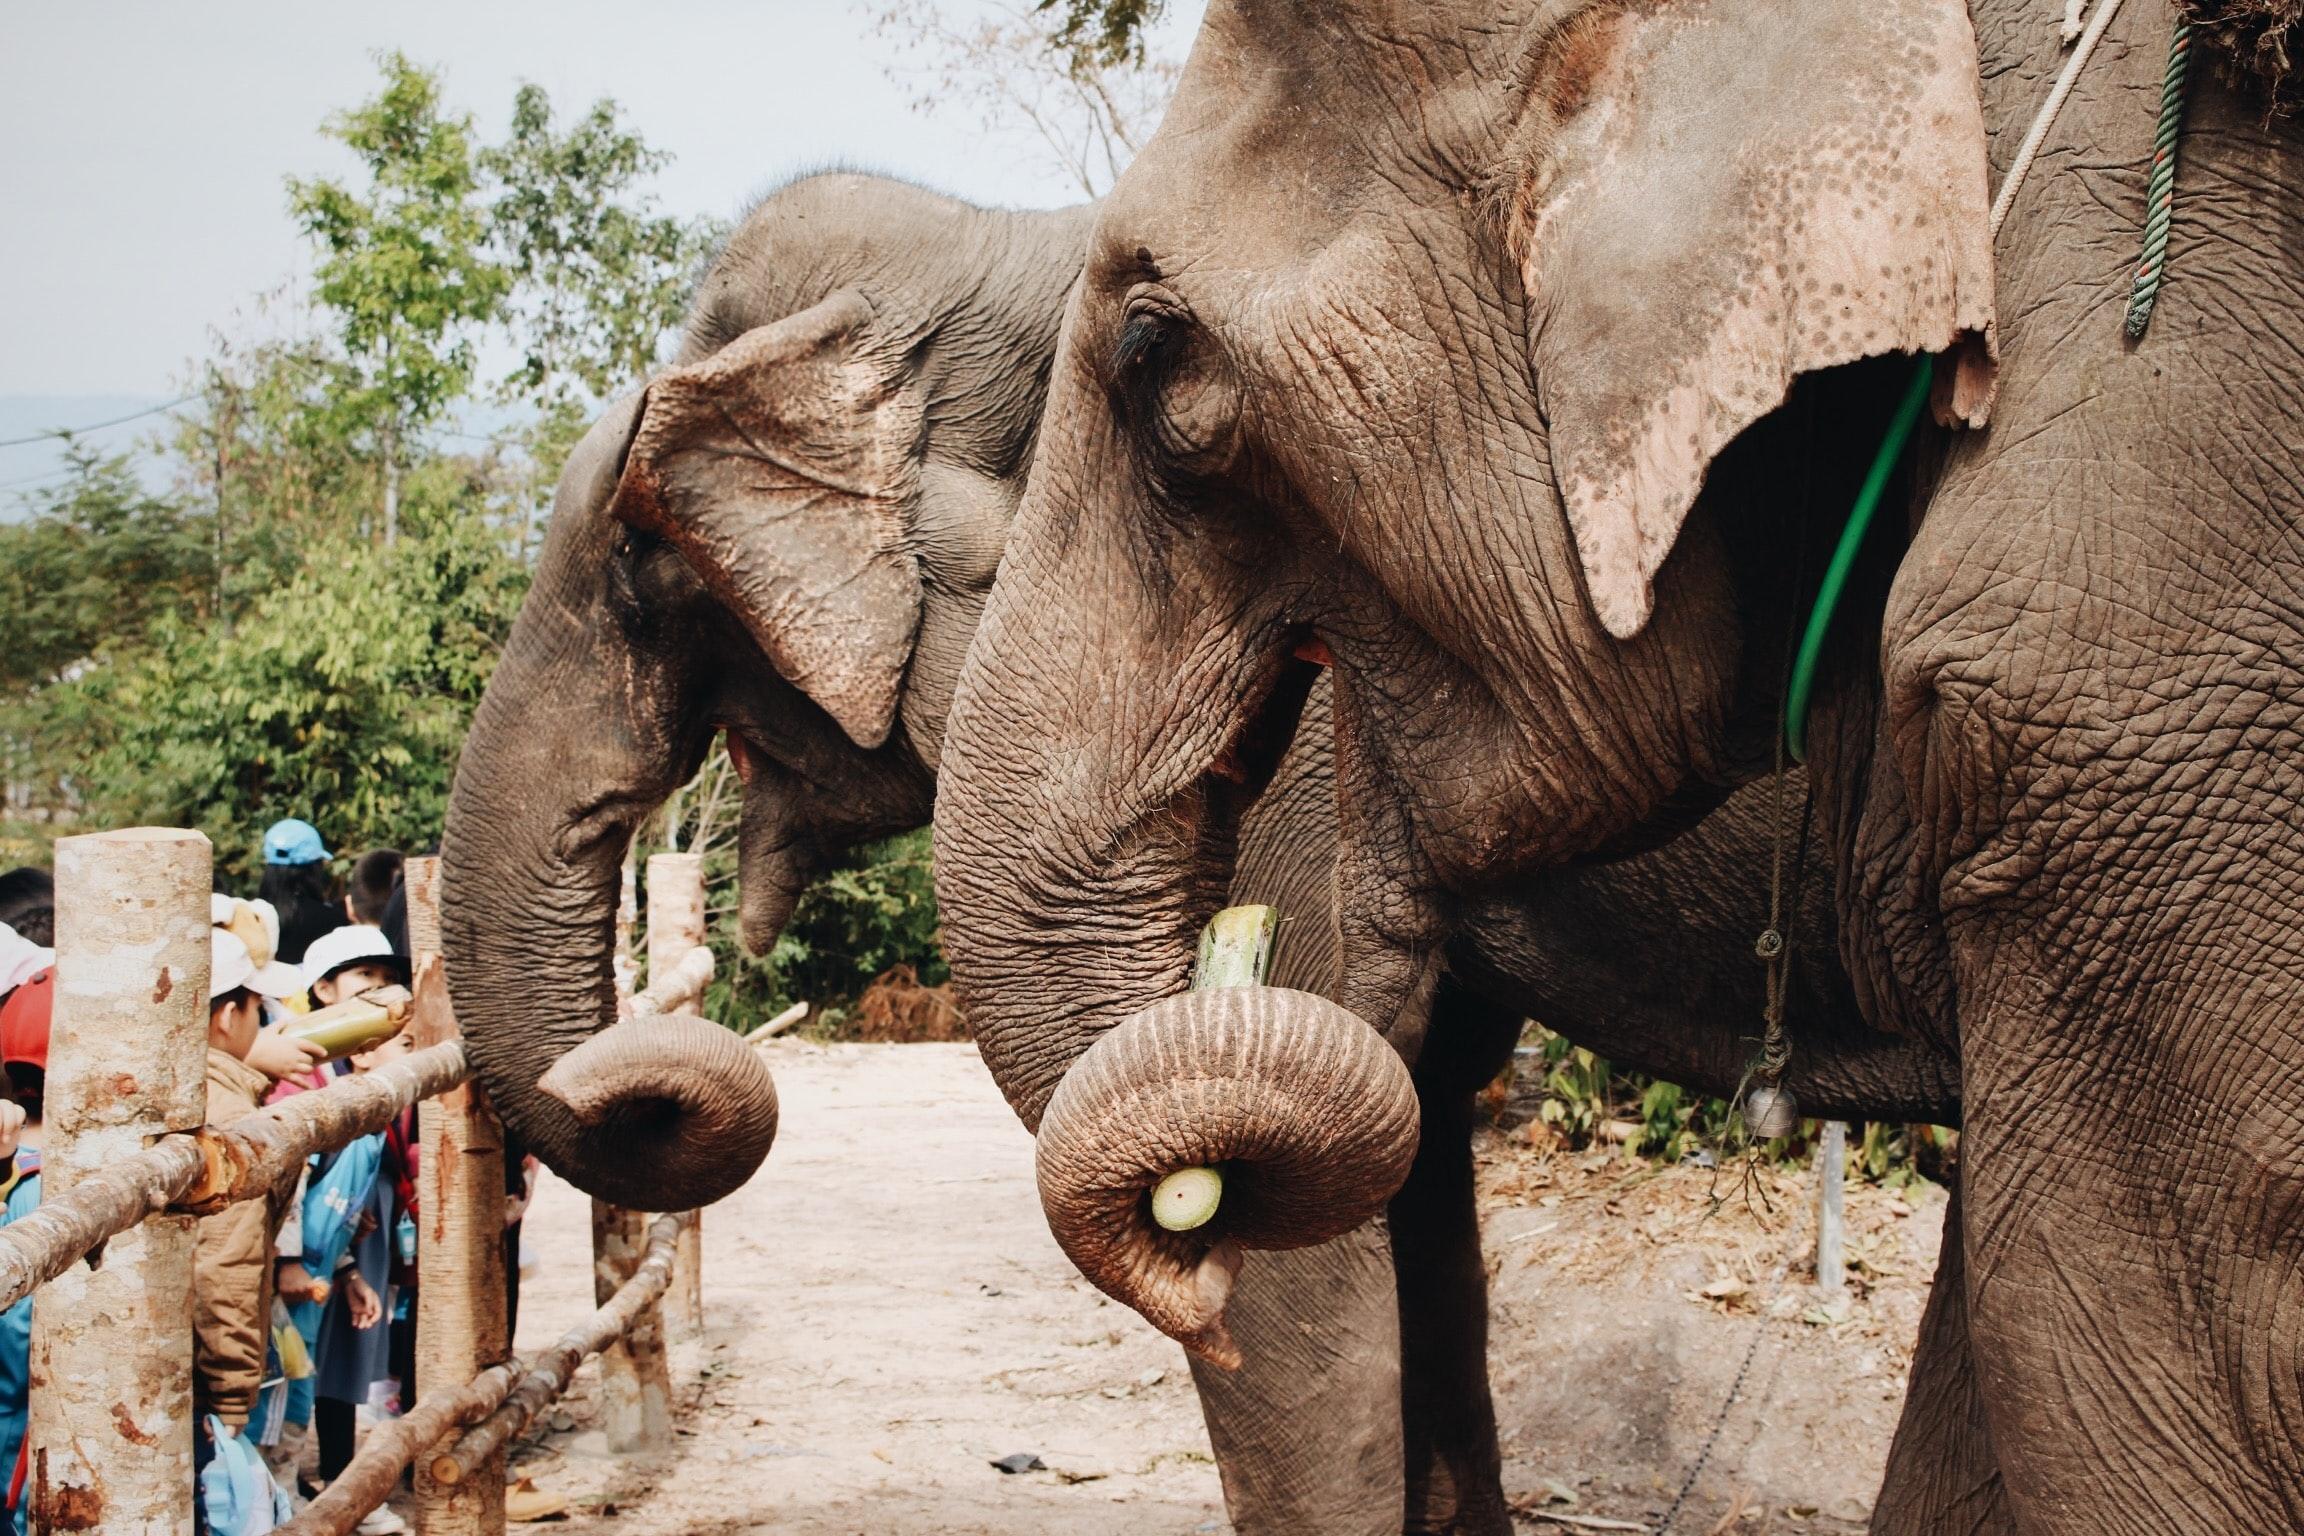 éléphants face aux visiteurs d'un parc animalier